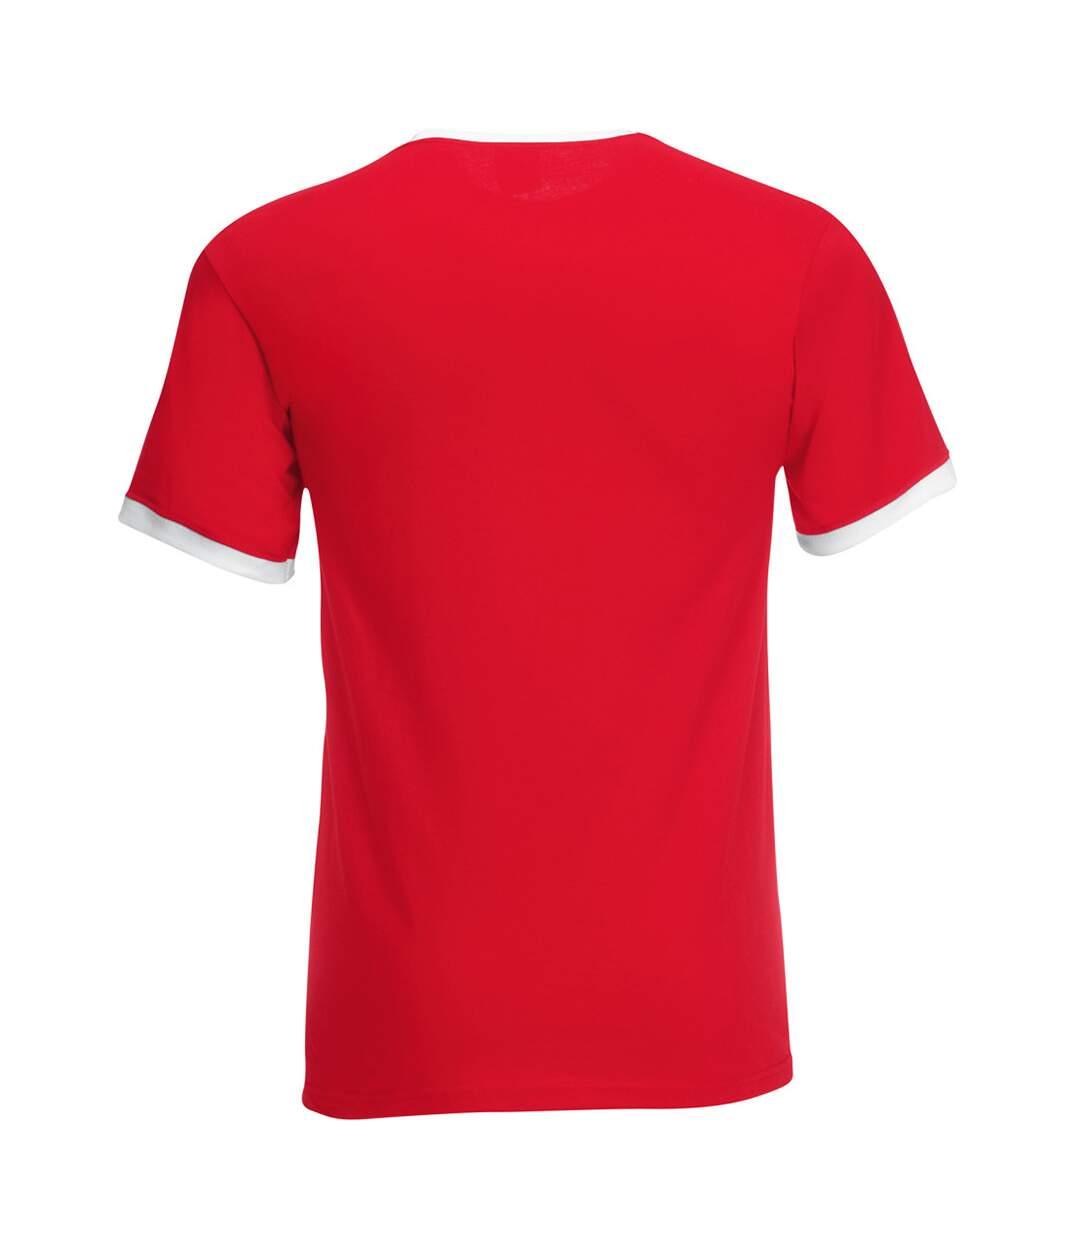 Fruit Of The Loom Mens Ringer Short Sleeve T-Shirt (Red/White) - UTBC342